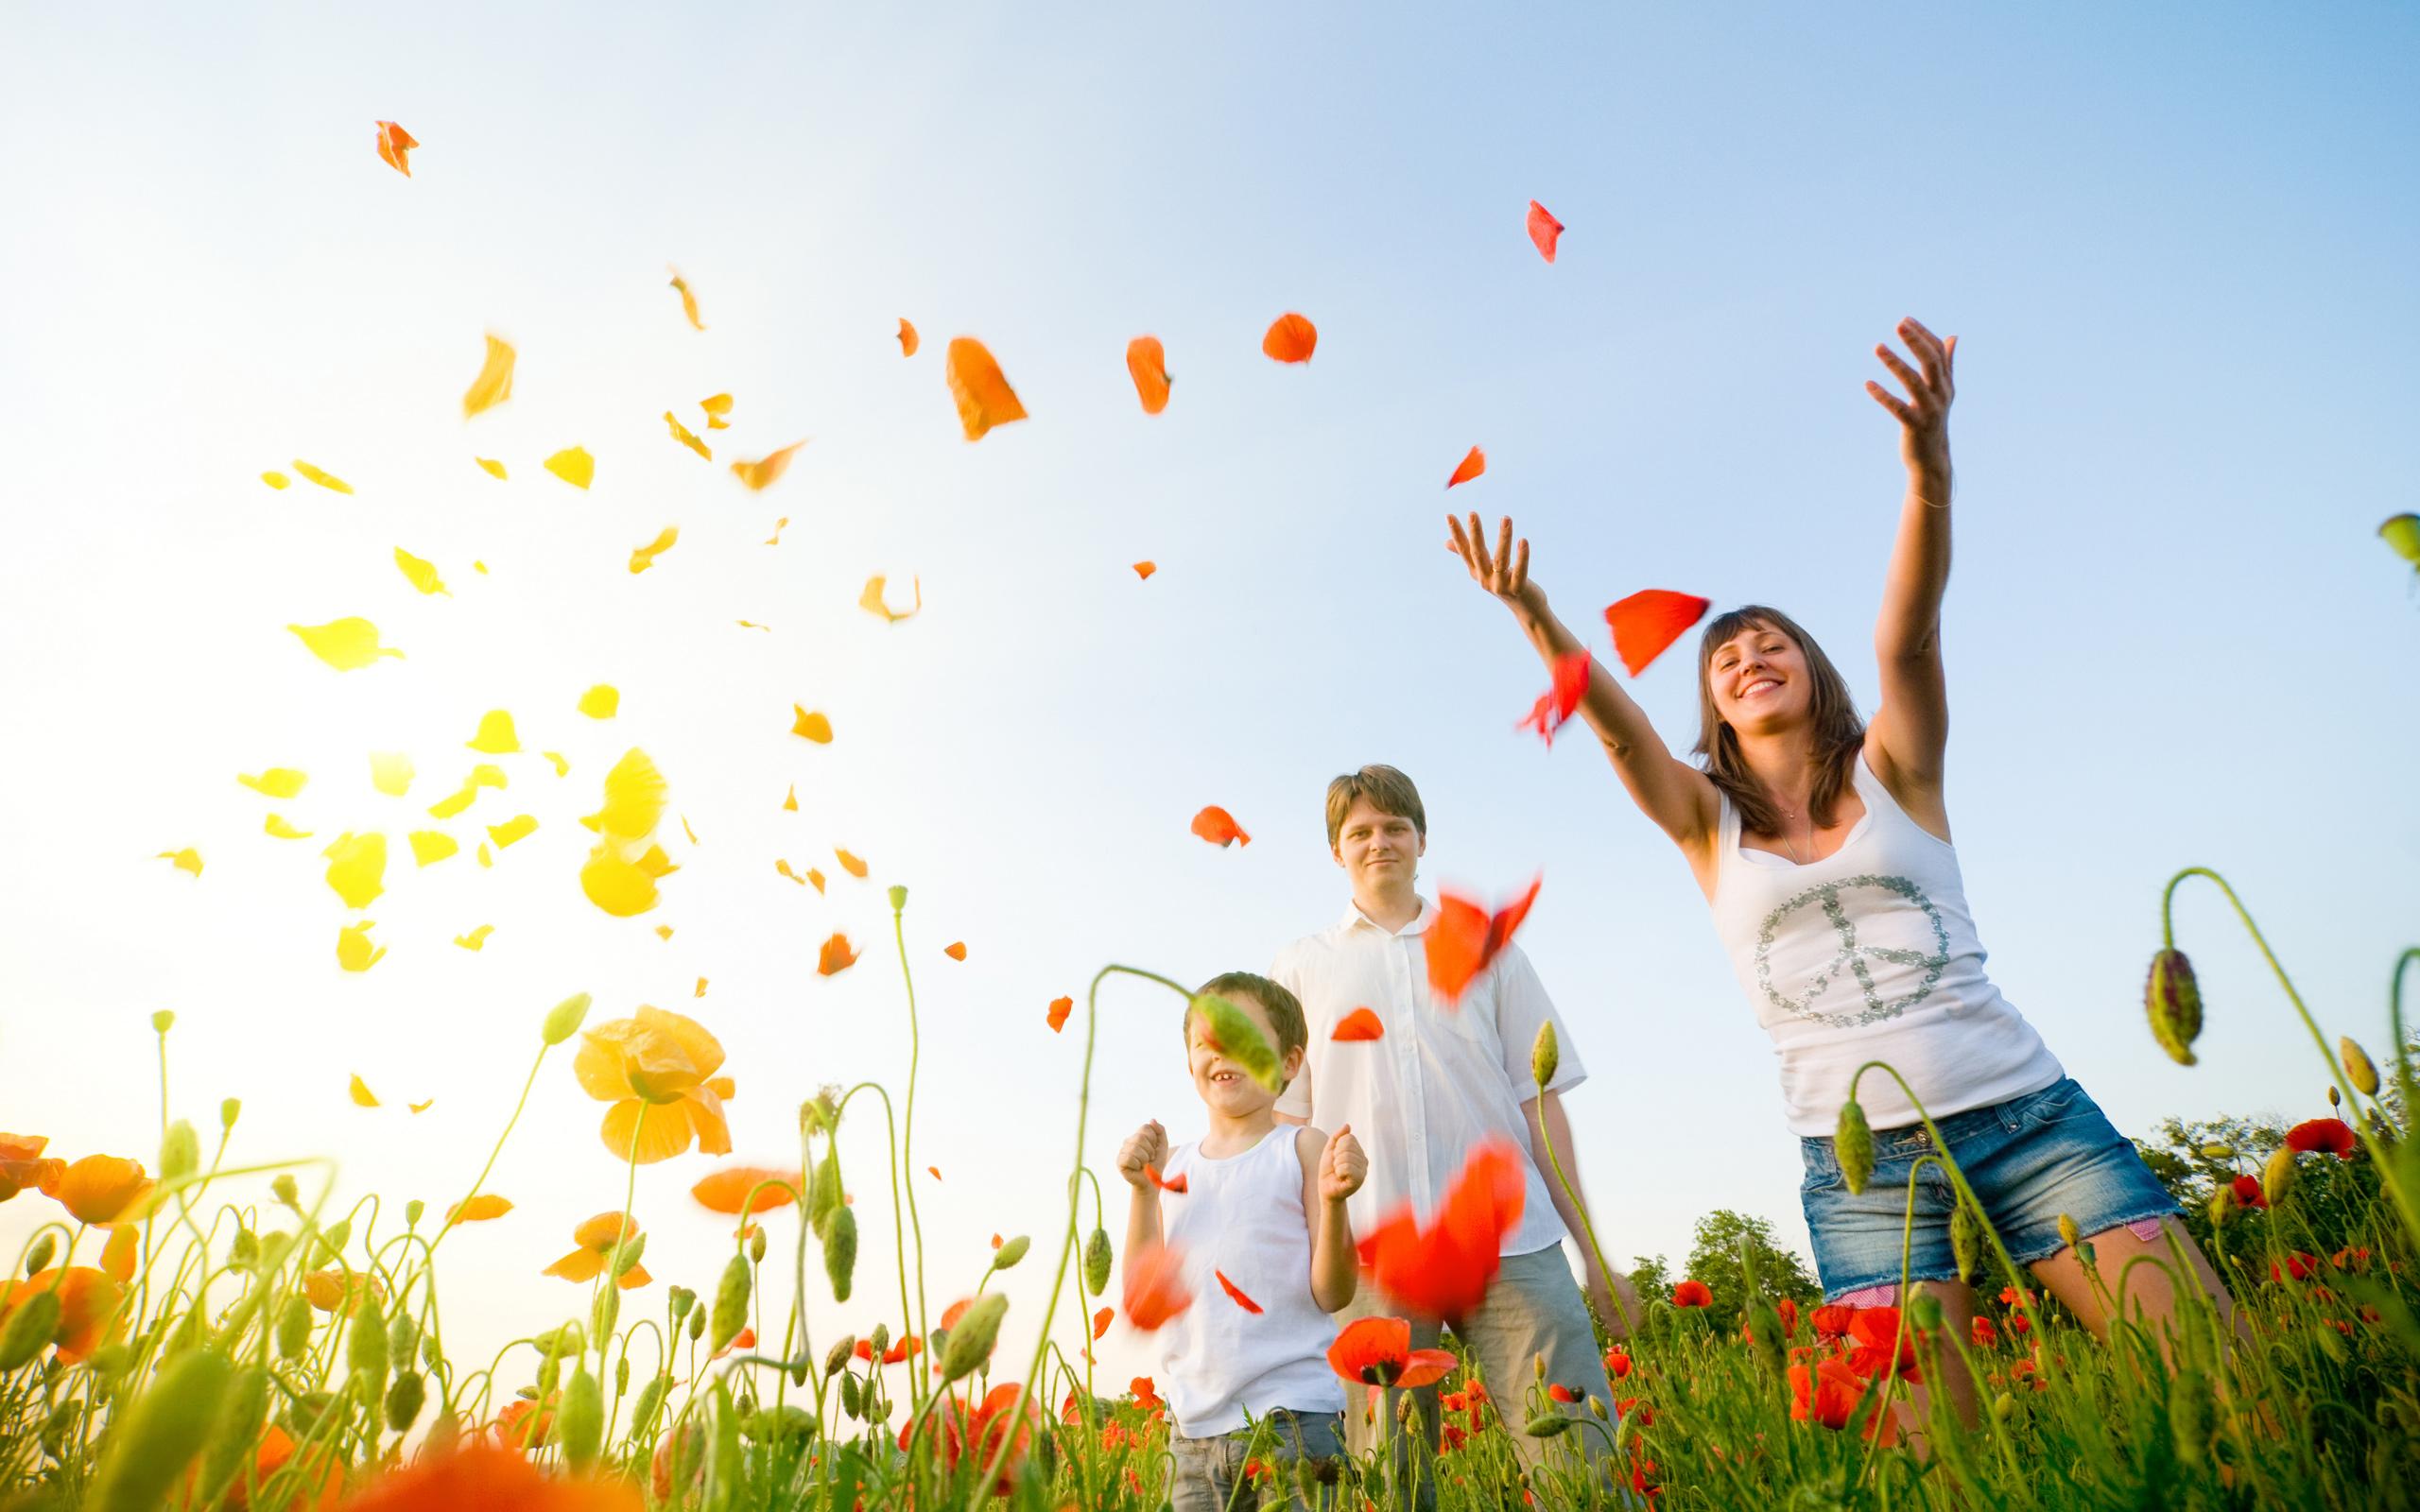 21 habits of happy people